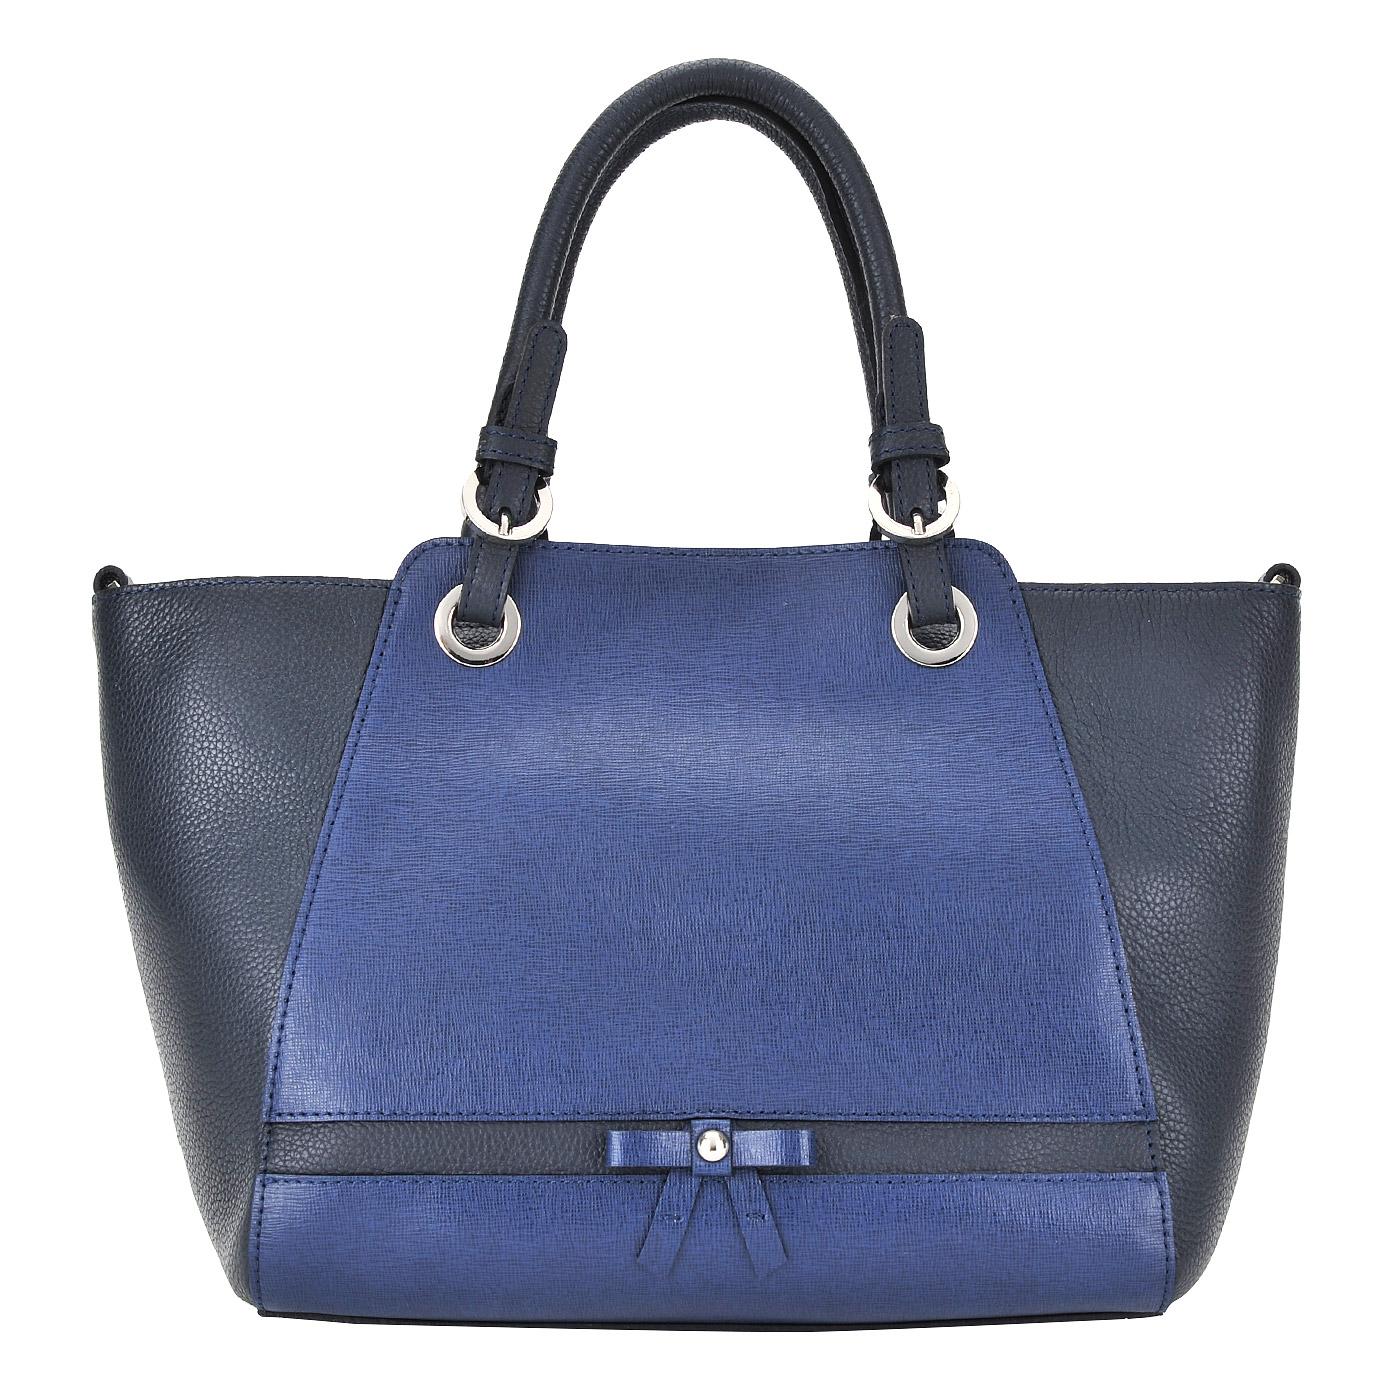 СумкаКлассические сумки<br>Съемный регулируемый плечевой ремешок. Закрывается на молнию. Внутри одно отделение, в котором карман на молнии и два кармашка для мелочей.<br><br>count_sale: 0<br>new: 1<br>sale: 0